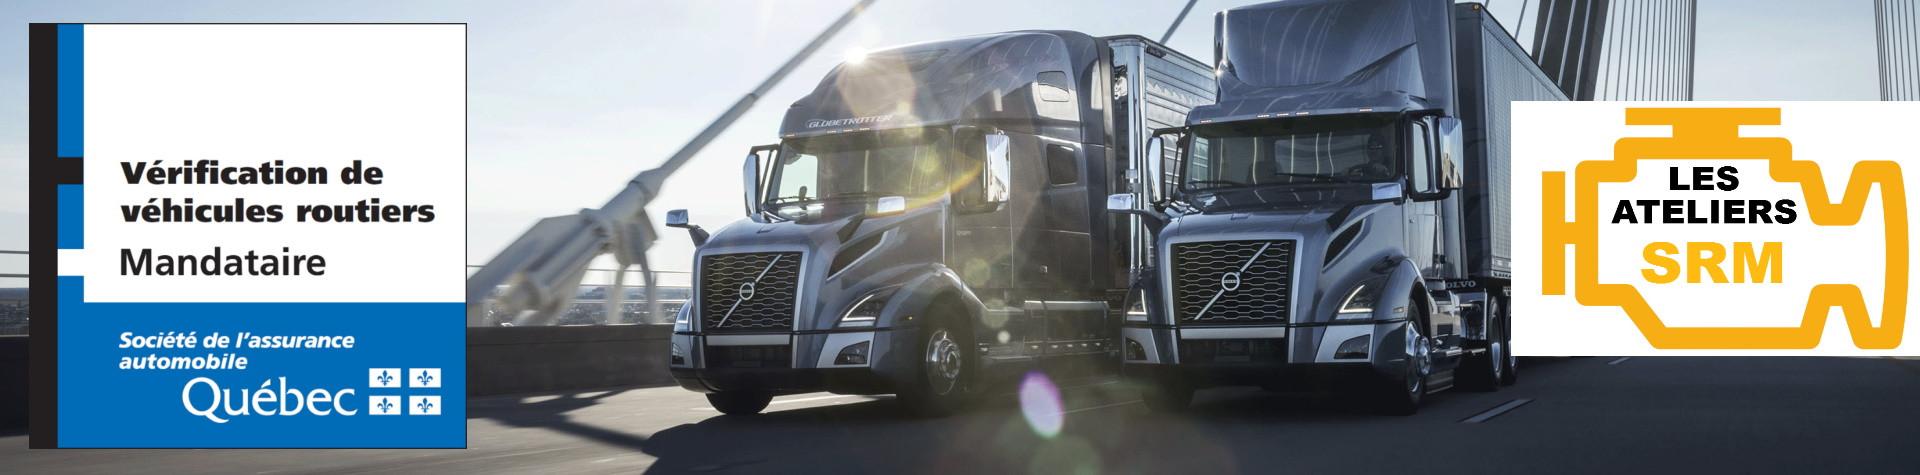 Entretien et la réparation de véhicules lourds, Camions, Autobus